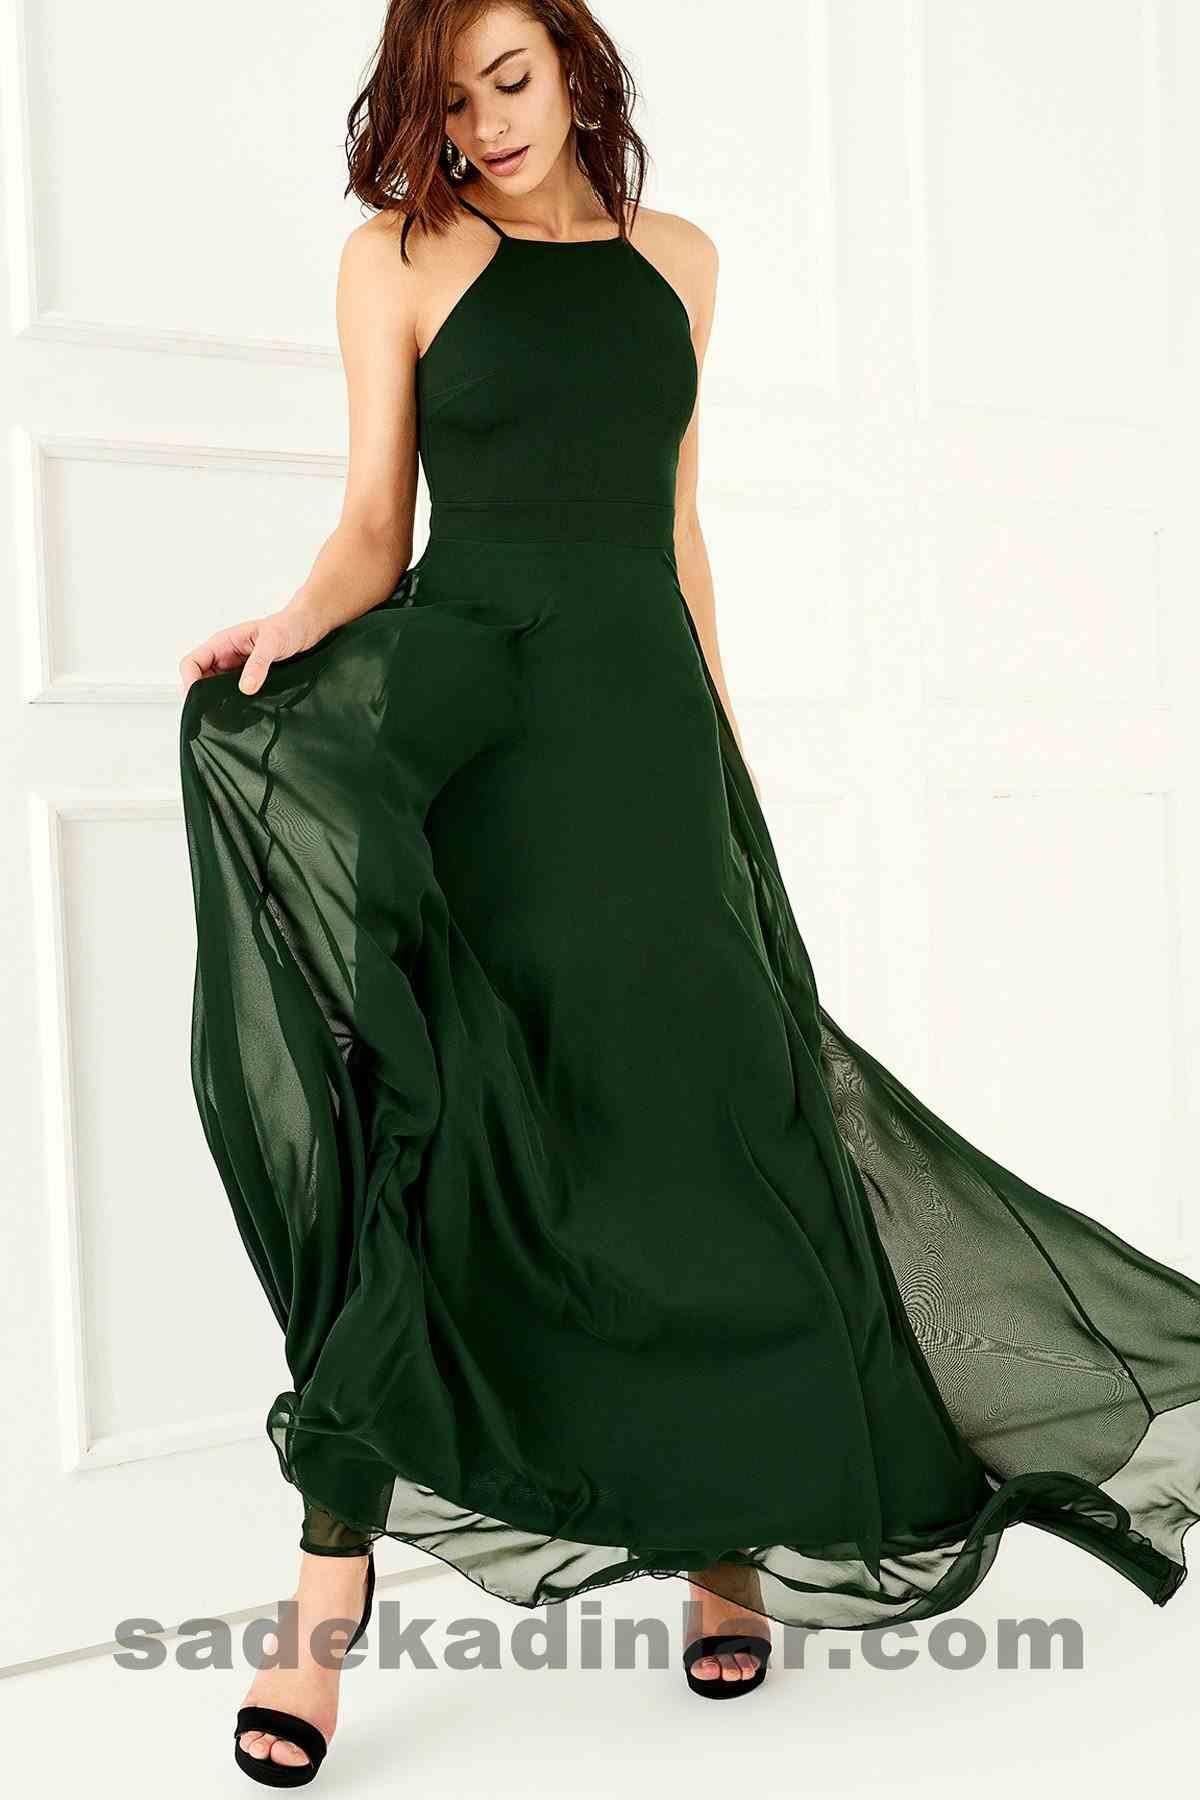 Abiye Elbise Modelleri Şık ve Güzel 2019 Gece Elbiseleri Zümrüt Yeşili